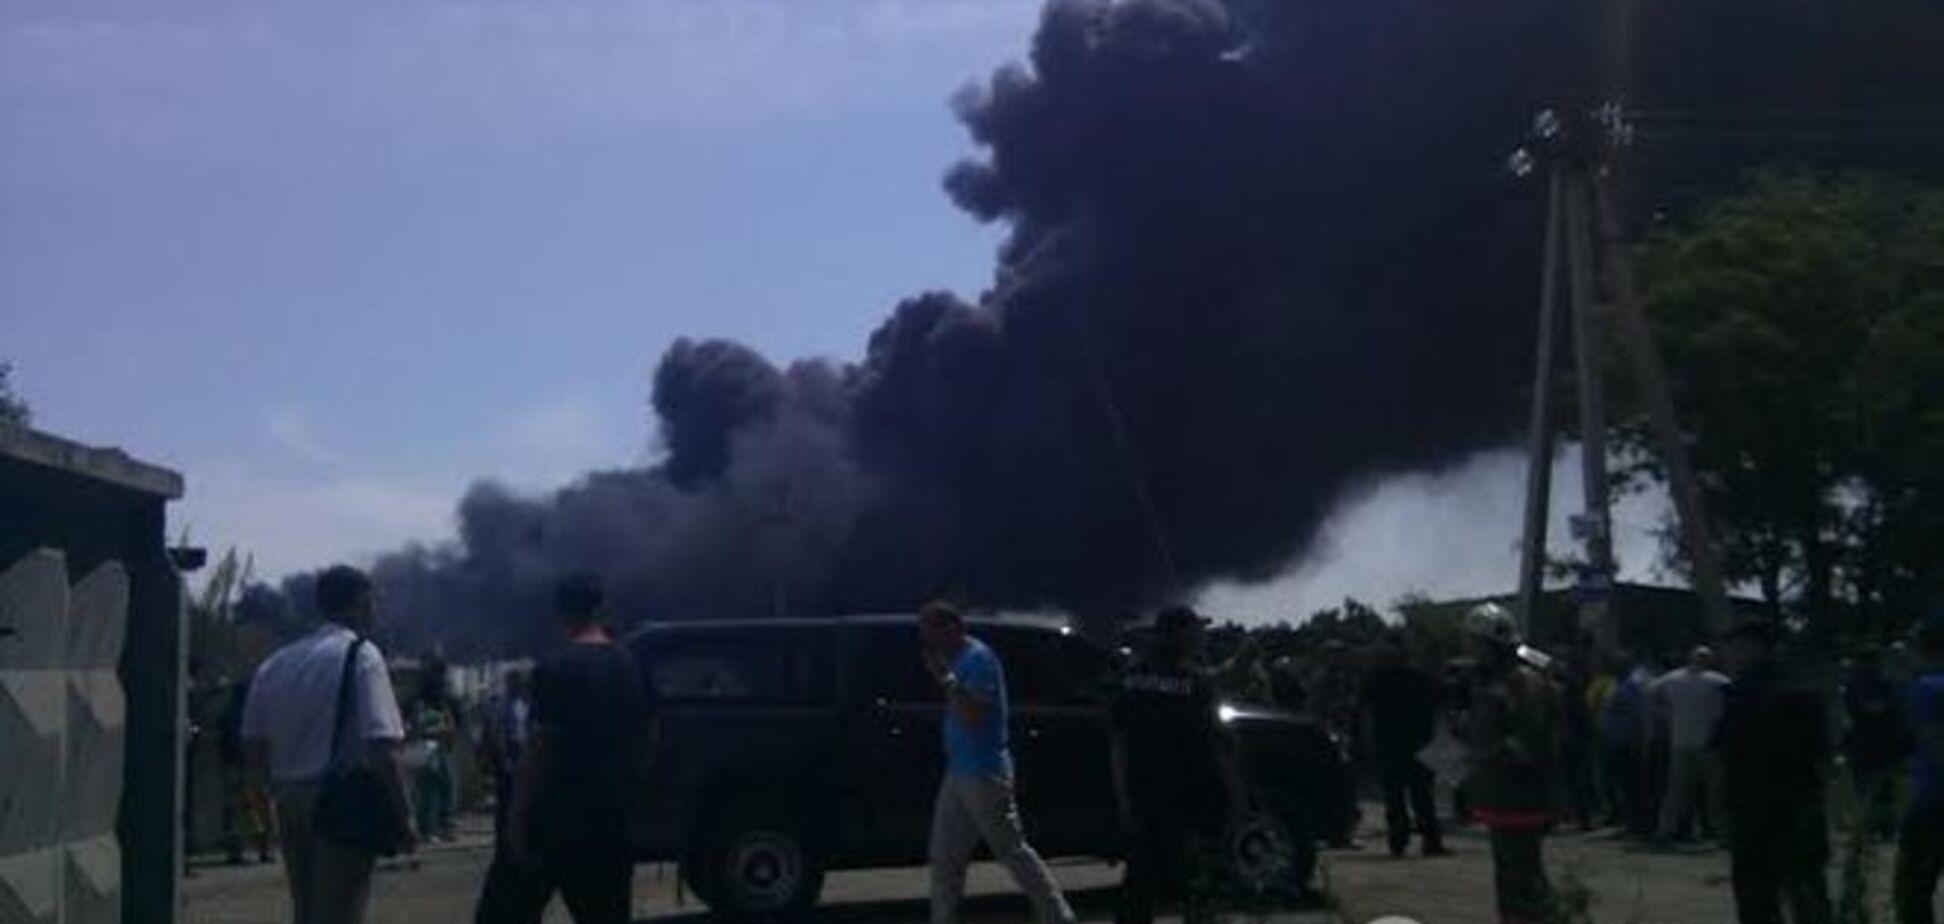 Турчинов: сотрудники нефтебазы пытались сами гасить огонь, потеряв драгоценное время